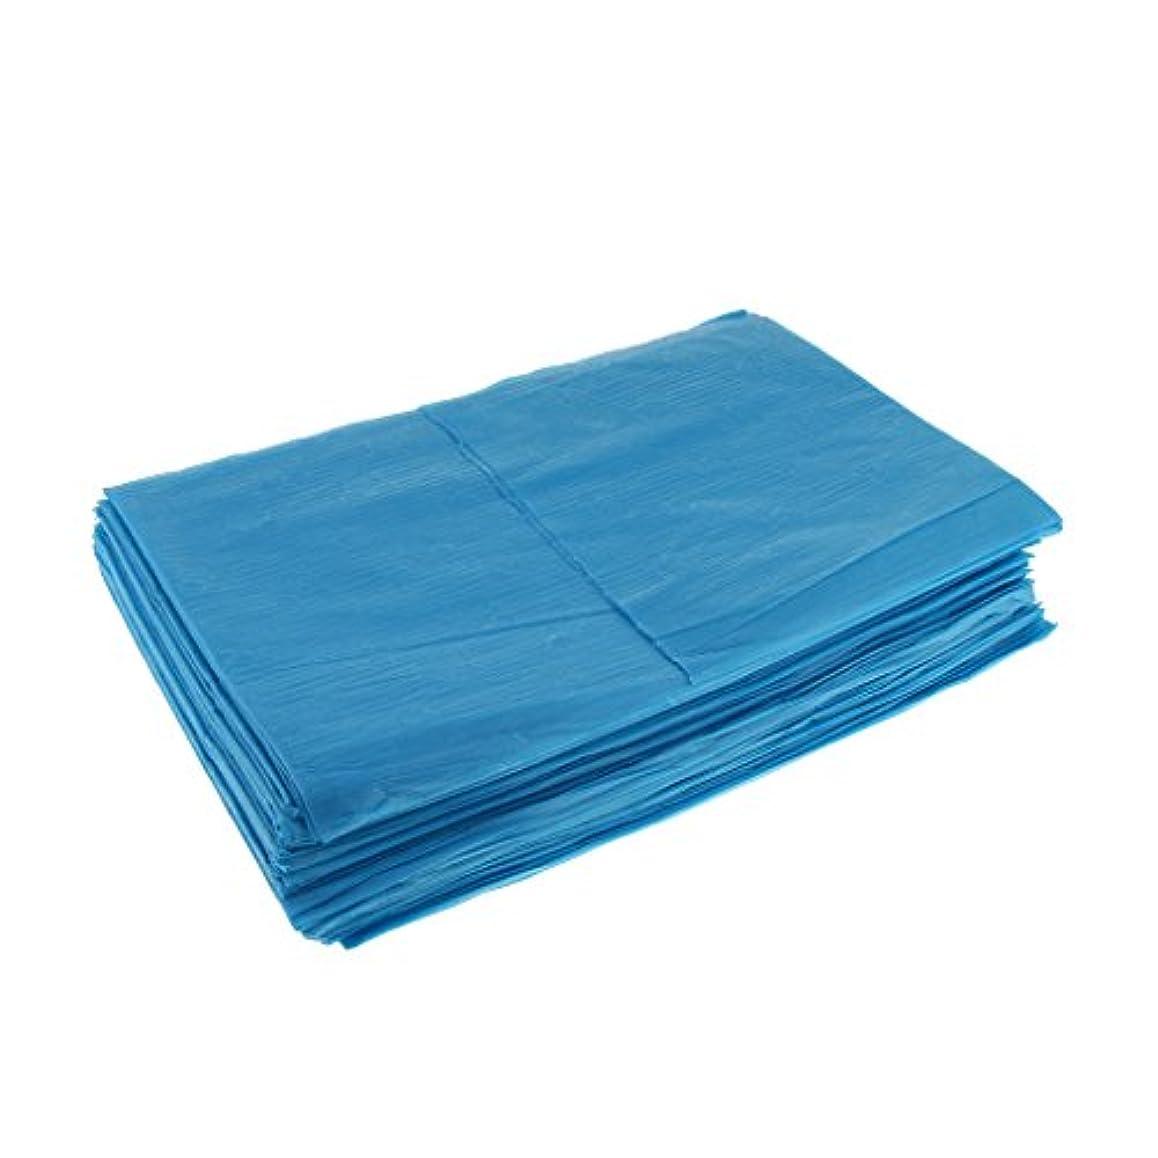 辛い可聴接ぎ木Kesoto 10枚 使い捨てベッドシーツ 使い捨て 美容 マッサージ サロン ホテル ベッドパッド カバー シート 2色選べ - 青